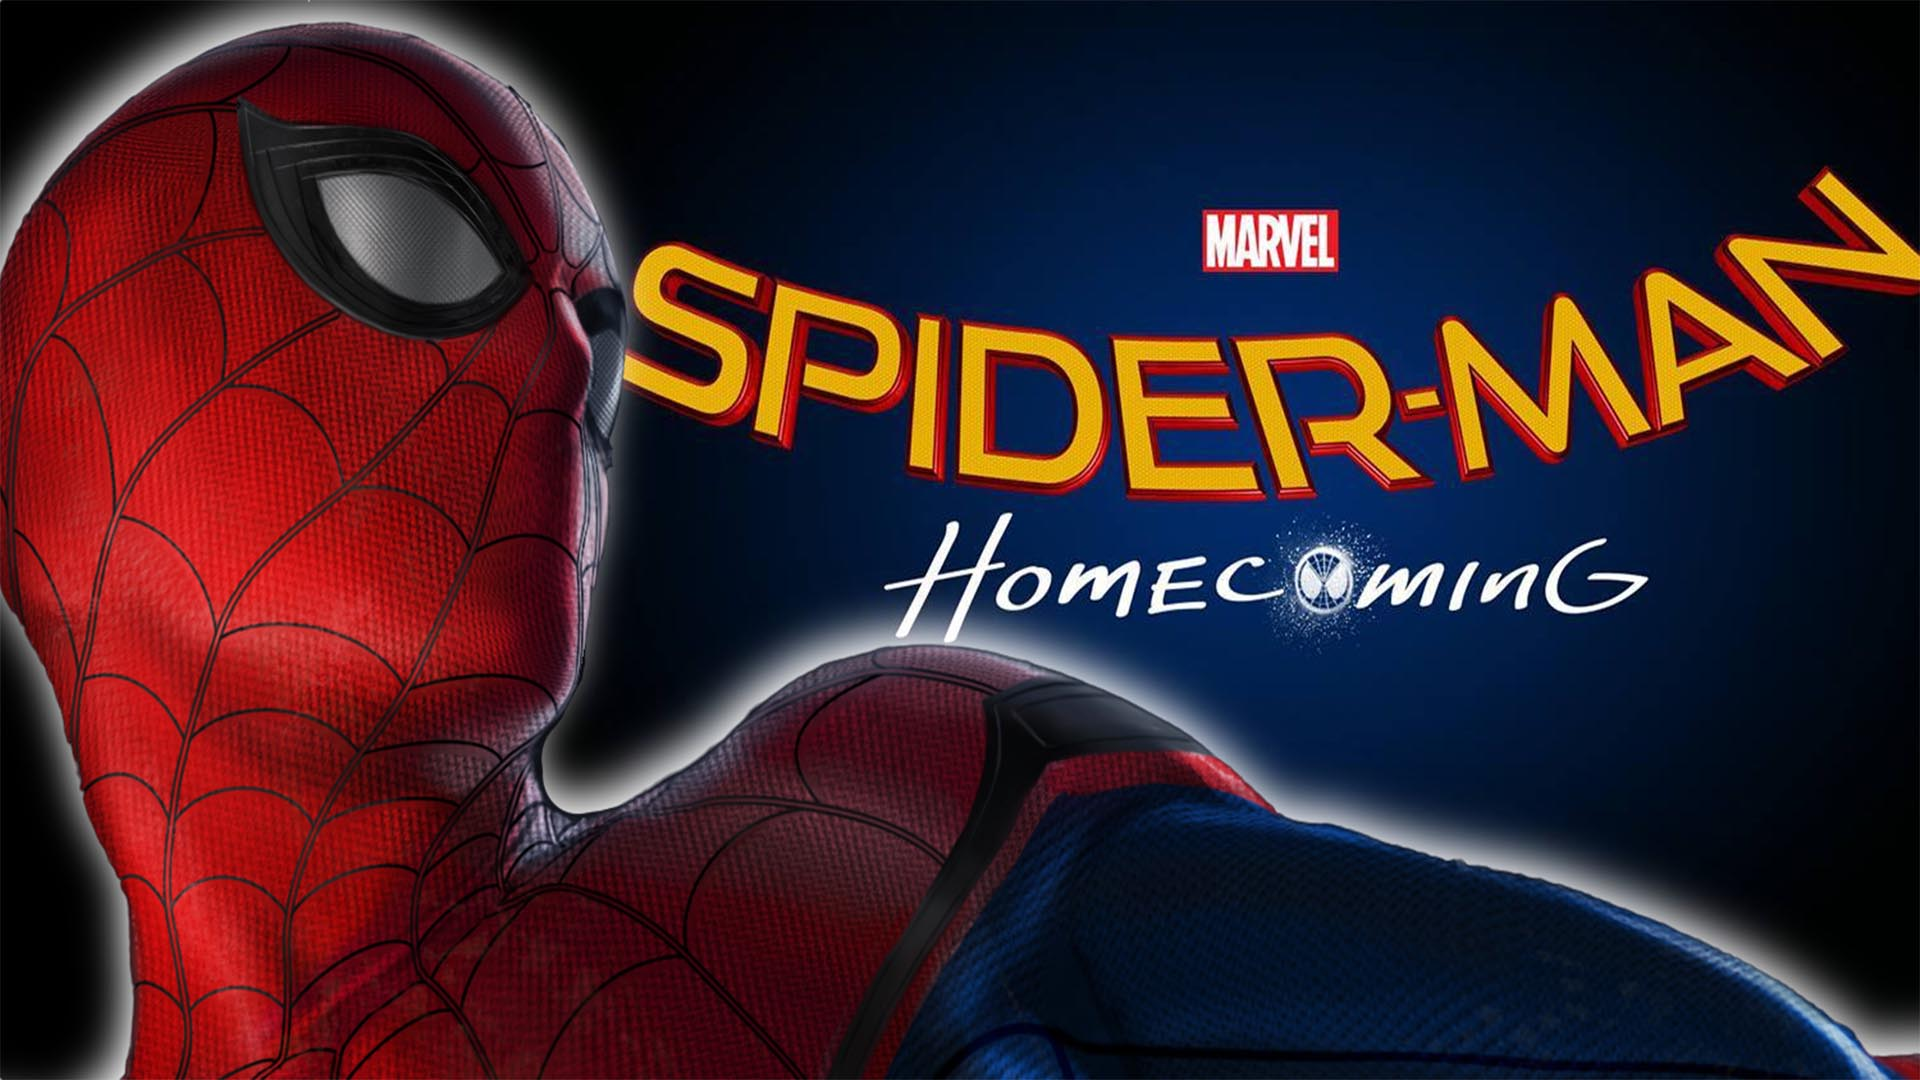 Spider-Man: Homecoming, i biglietti per l'anteprima